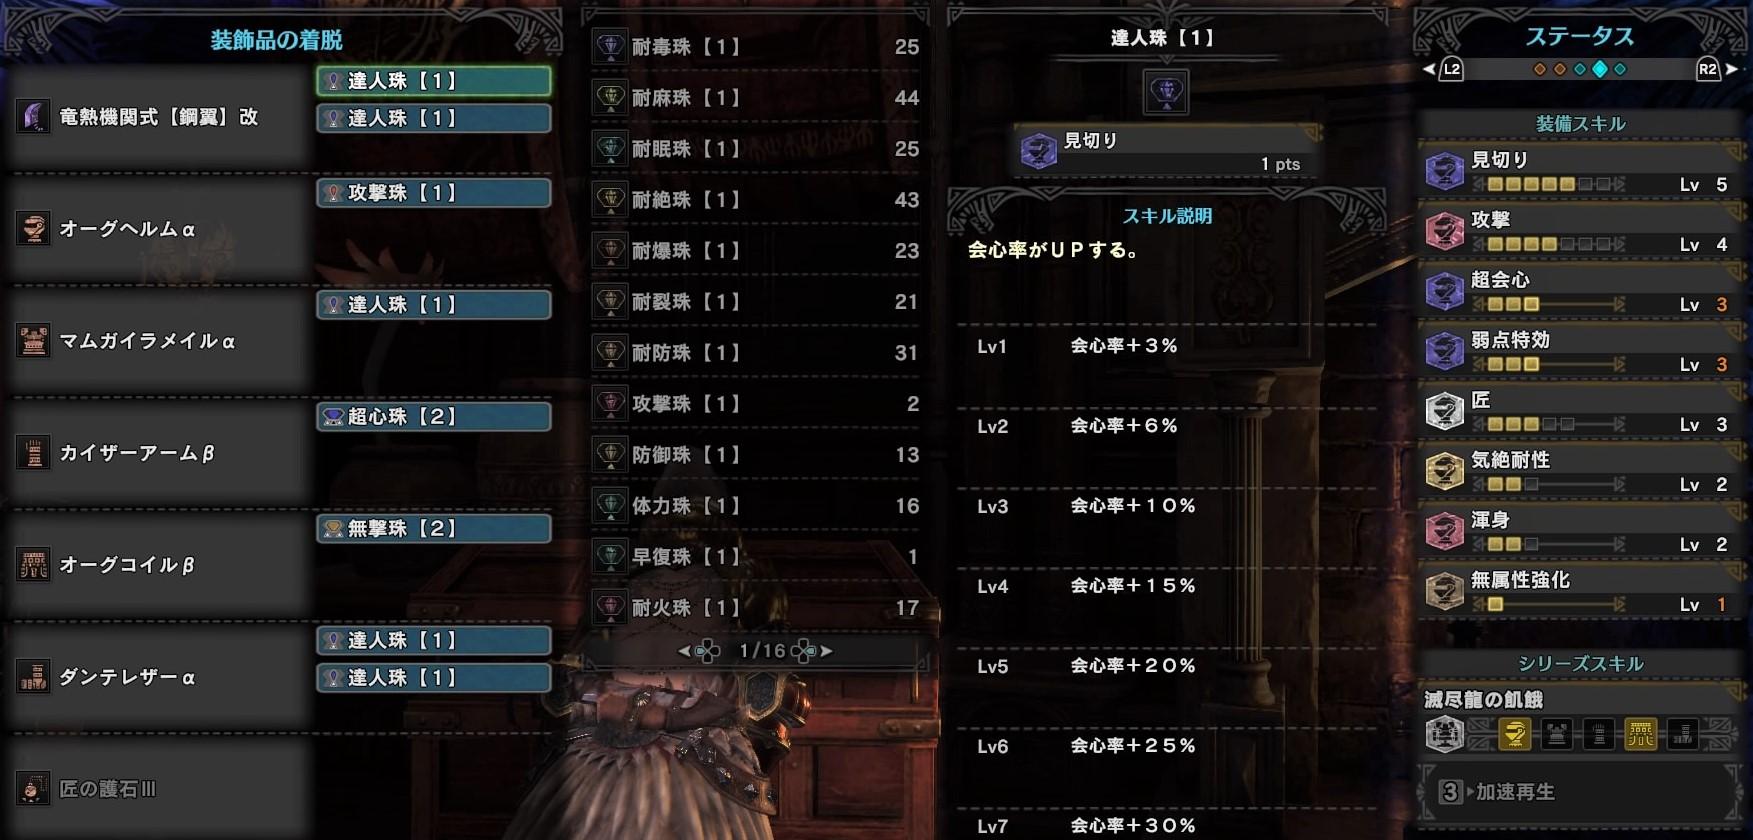 モンスターハンター:ワールド_超会心90%デザイン大剣_スキル詳細.jpg